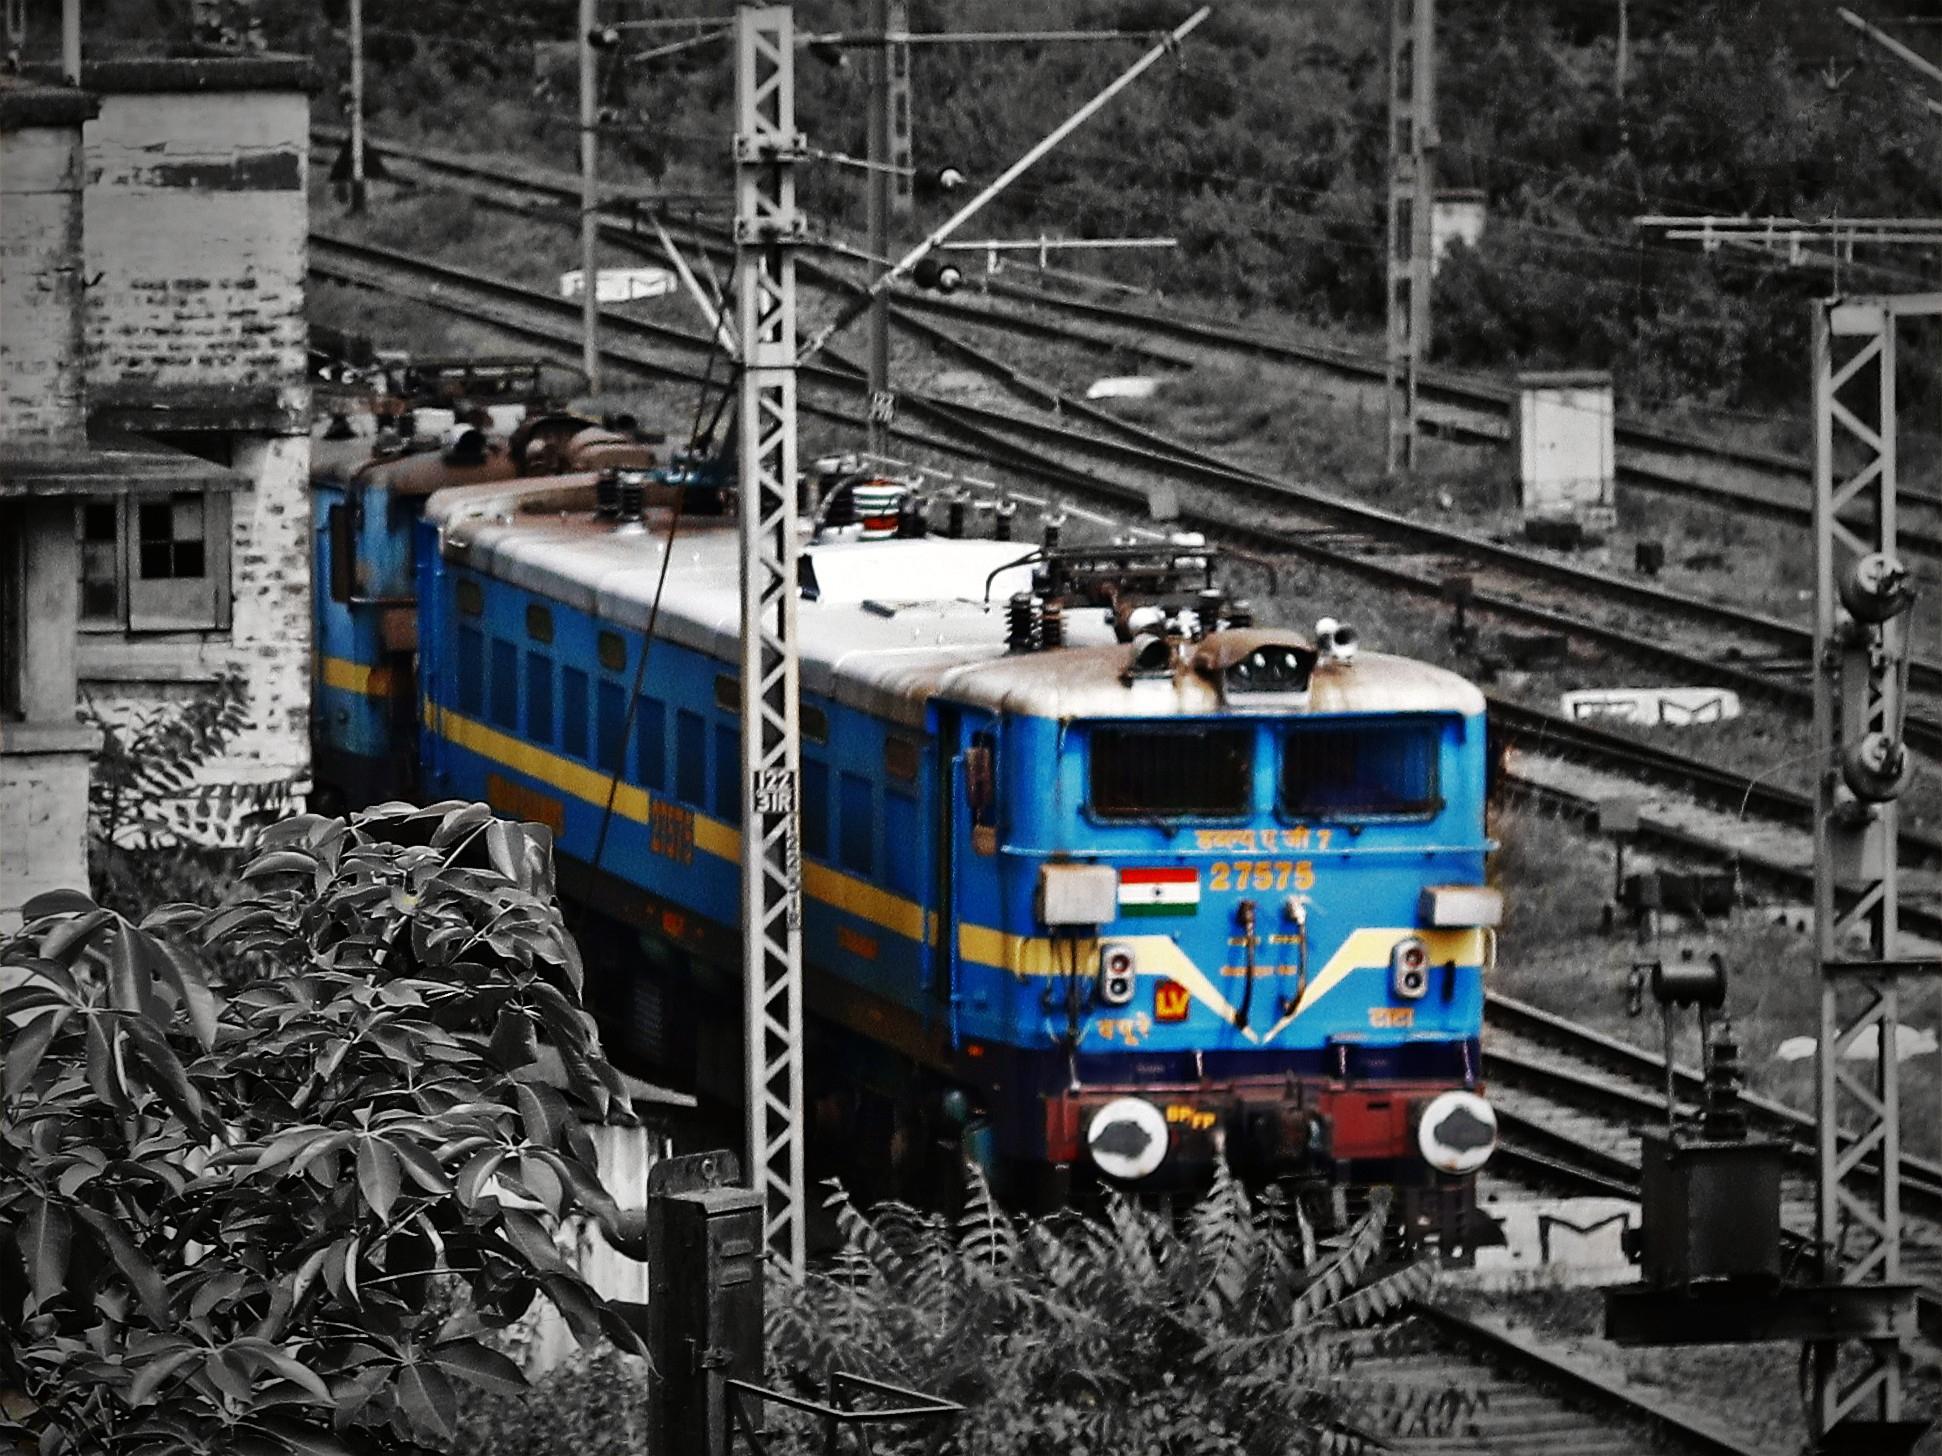 Twin WAG 7 locomotives